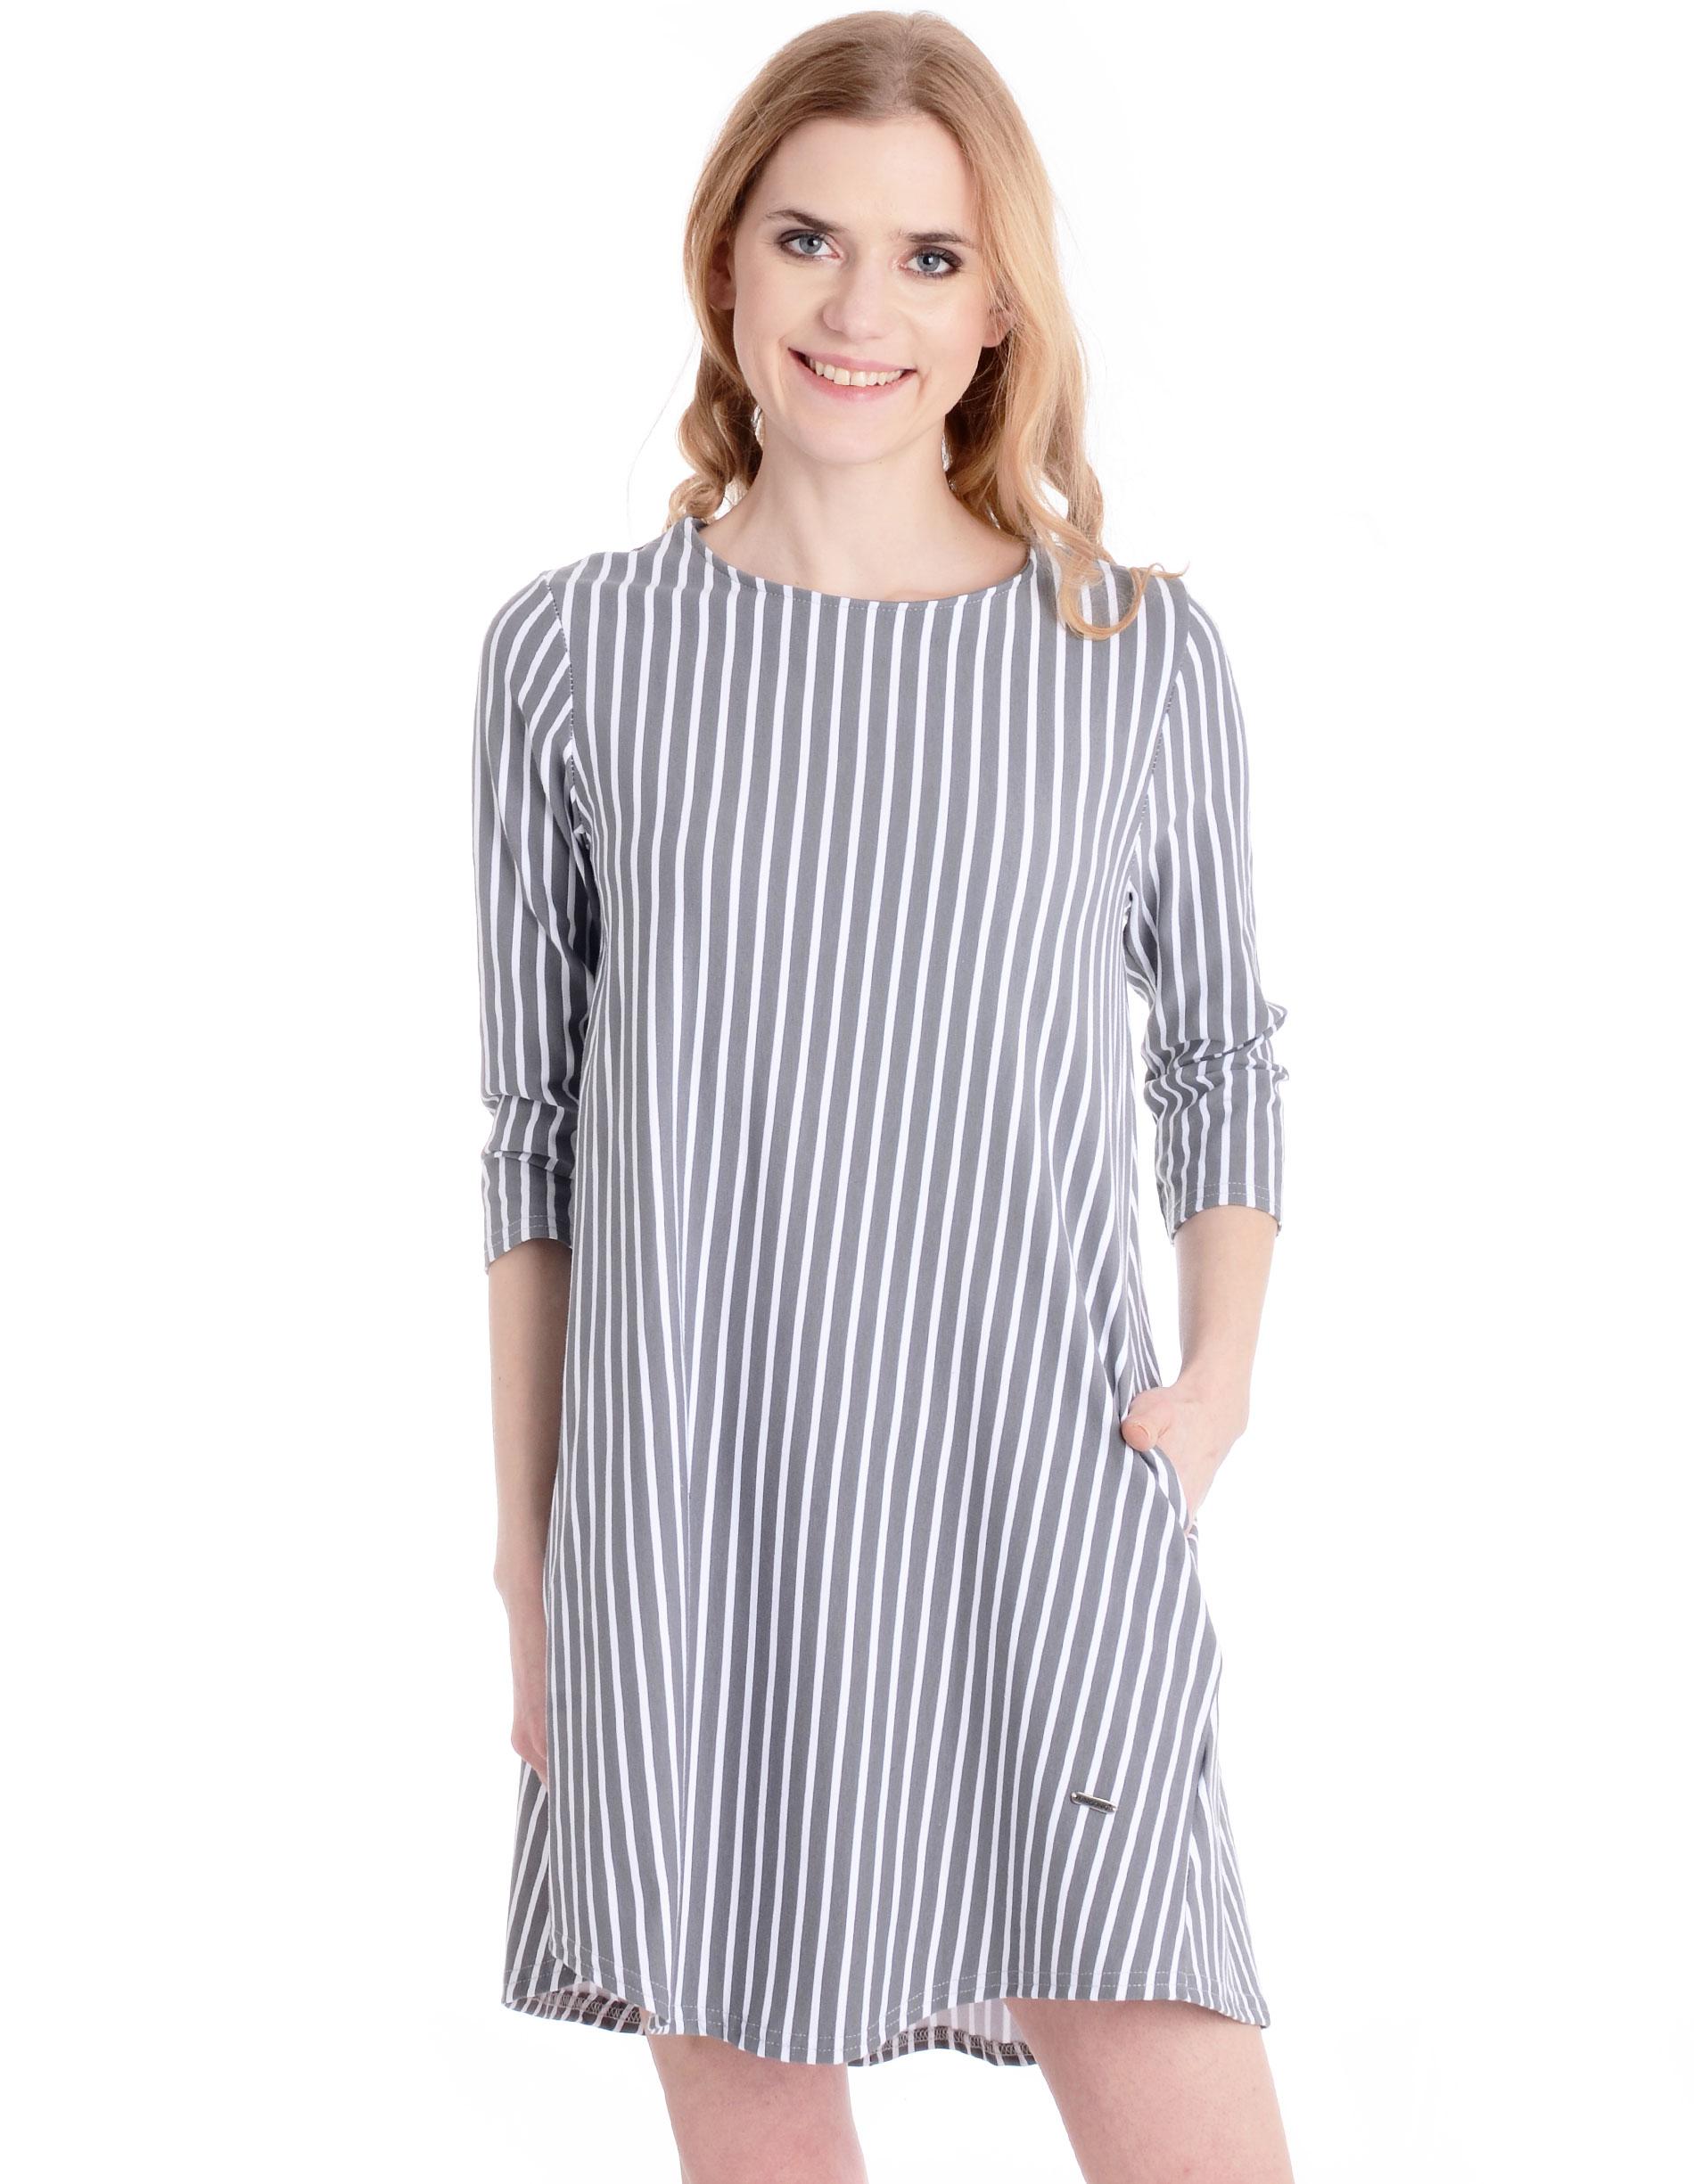 Sukienka - 90-6580 BI-GR - Unisono